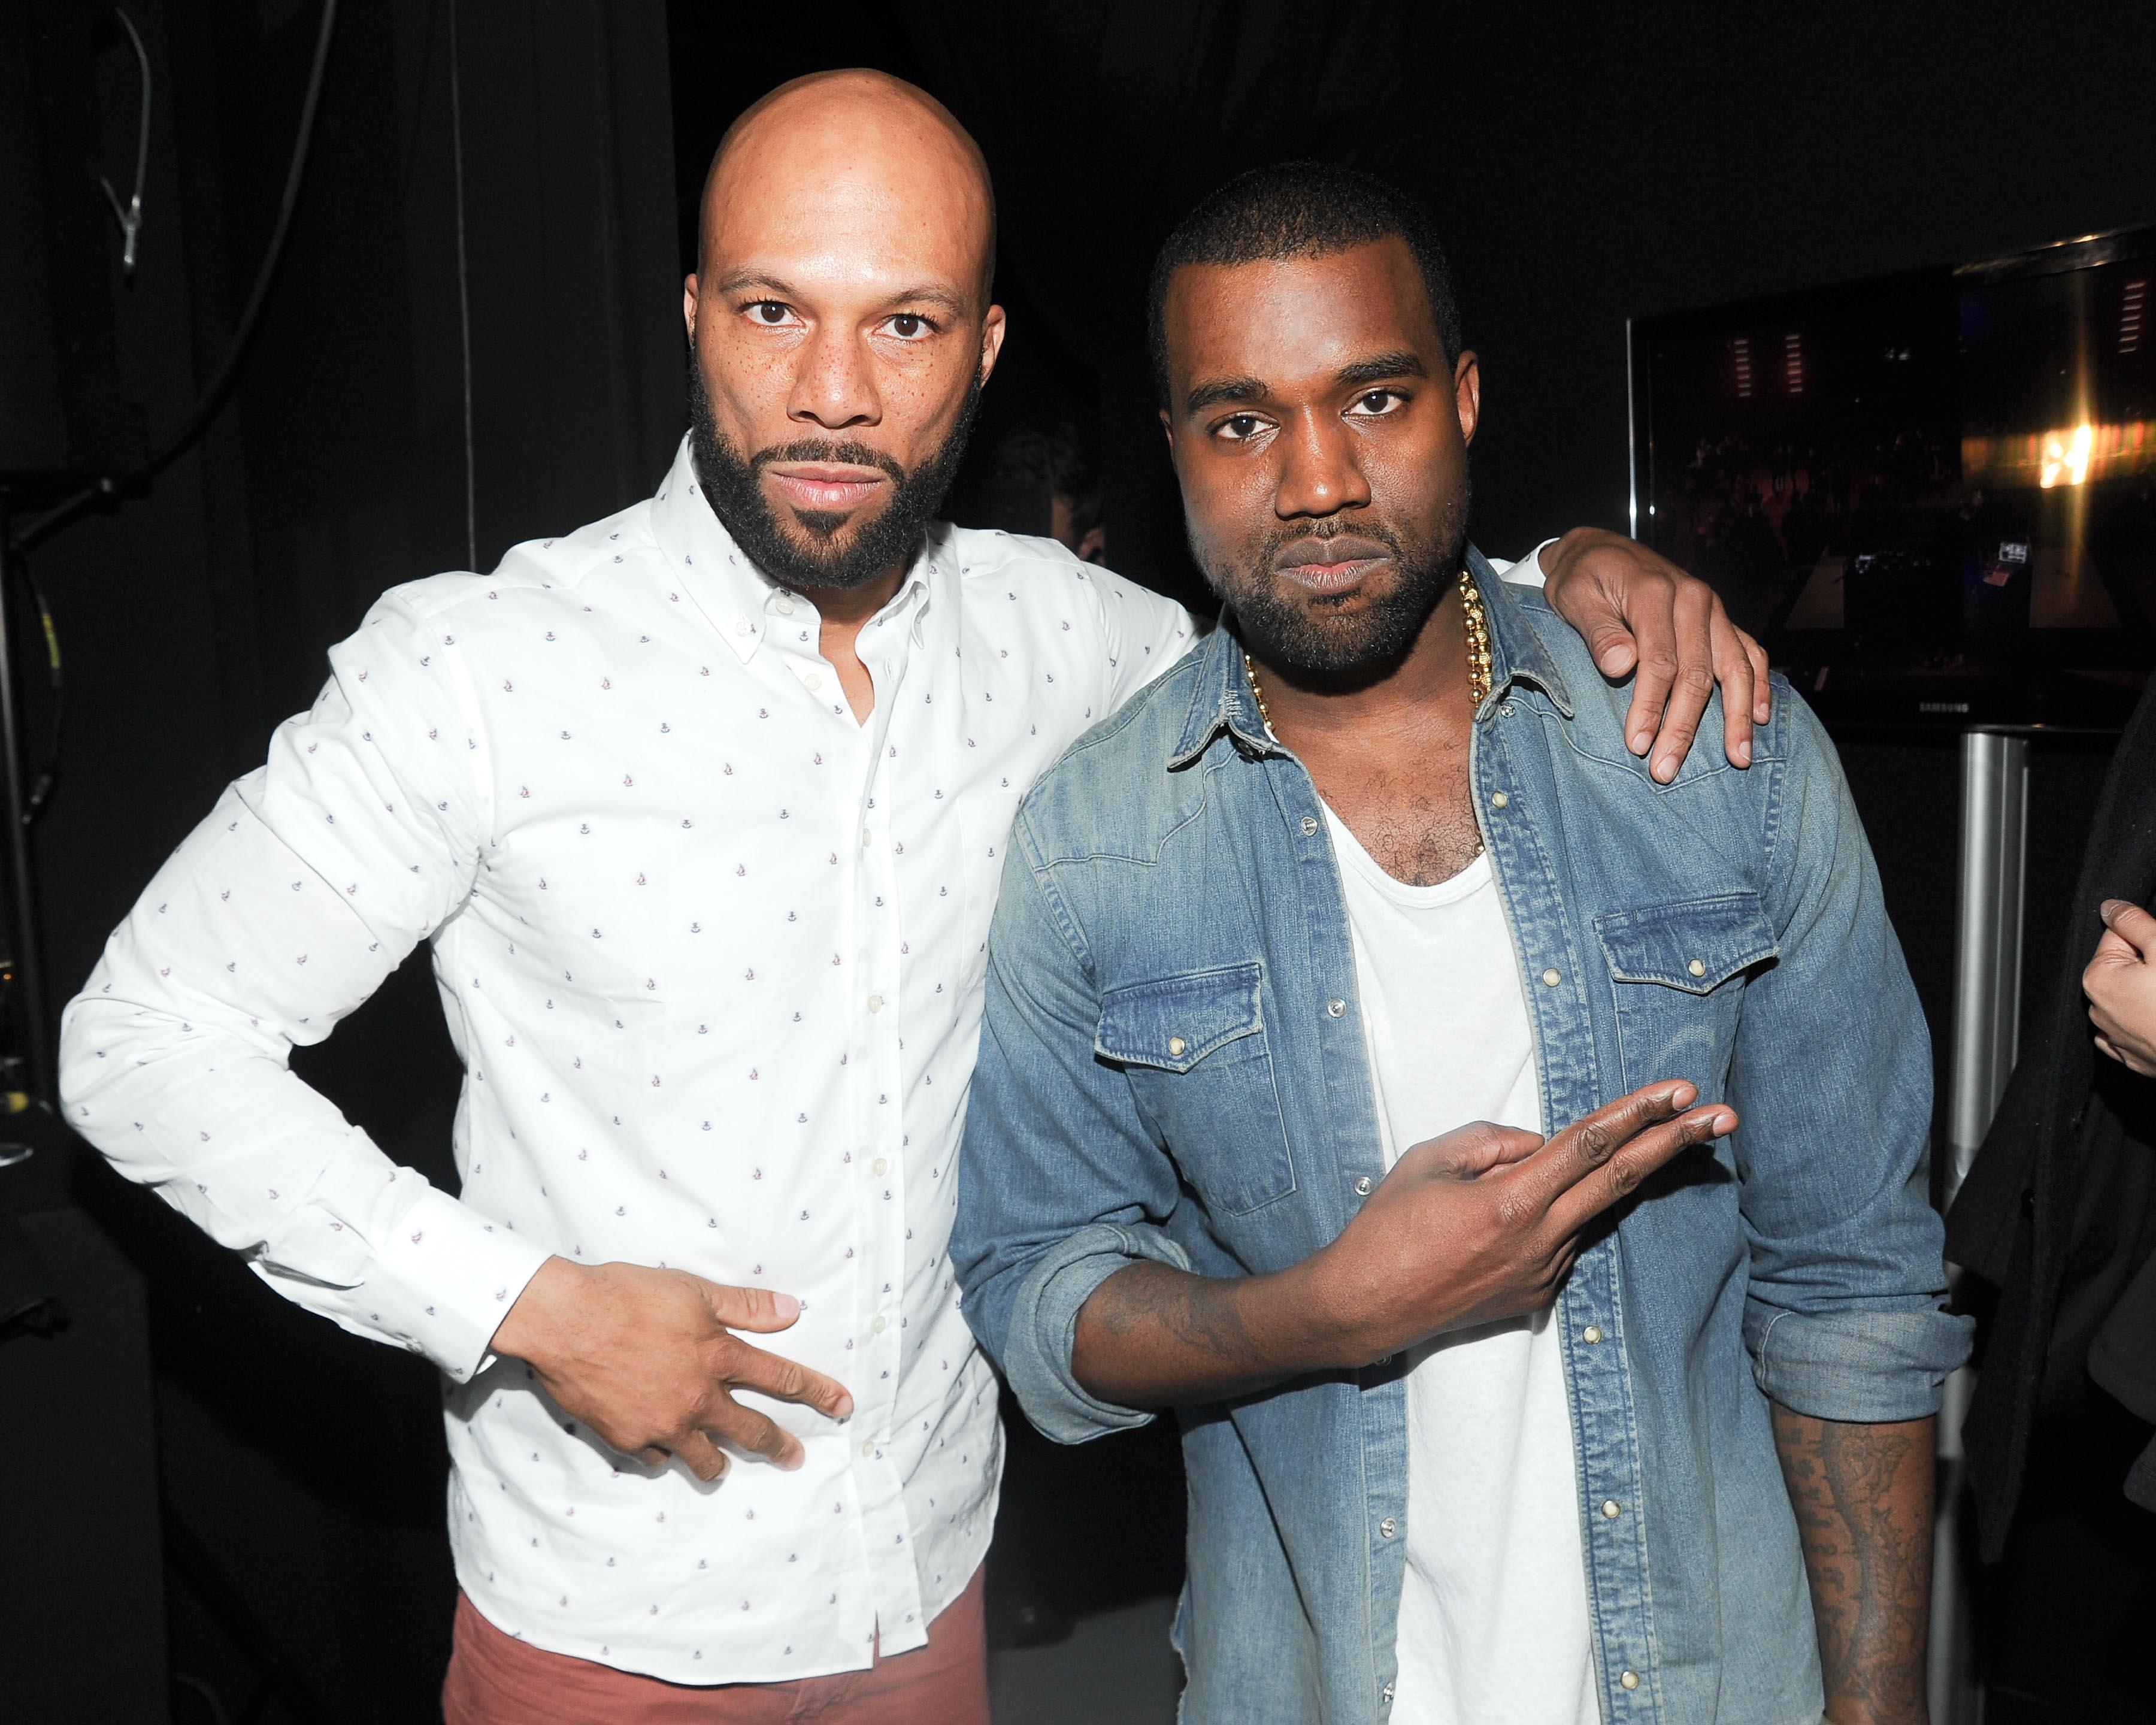 Common & Kanye